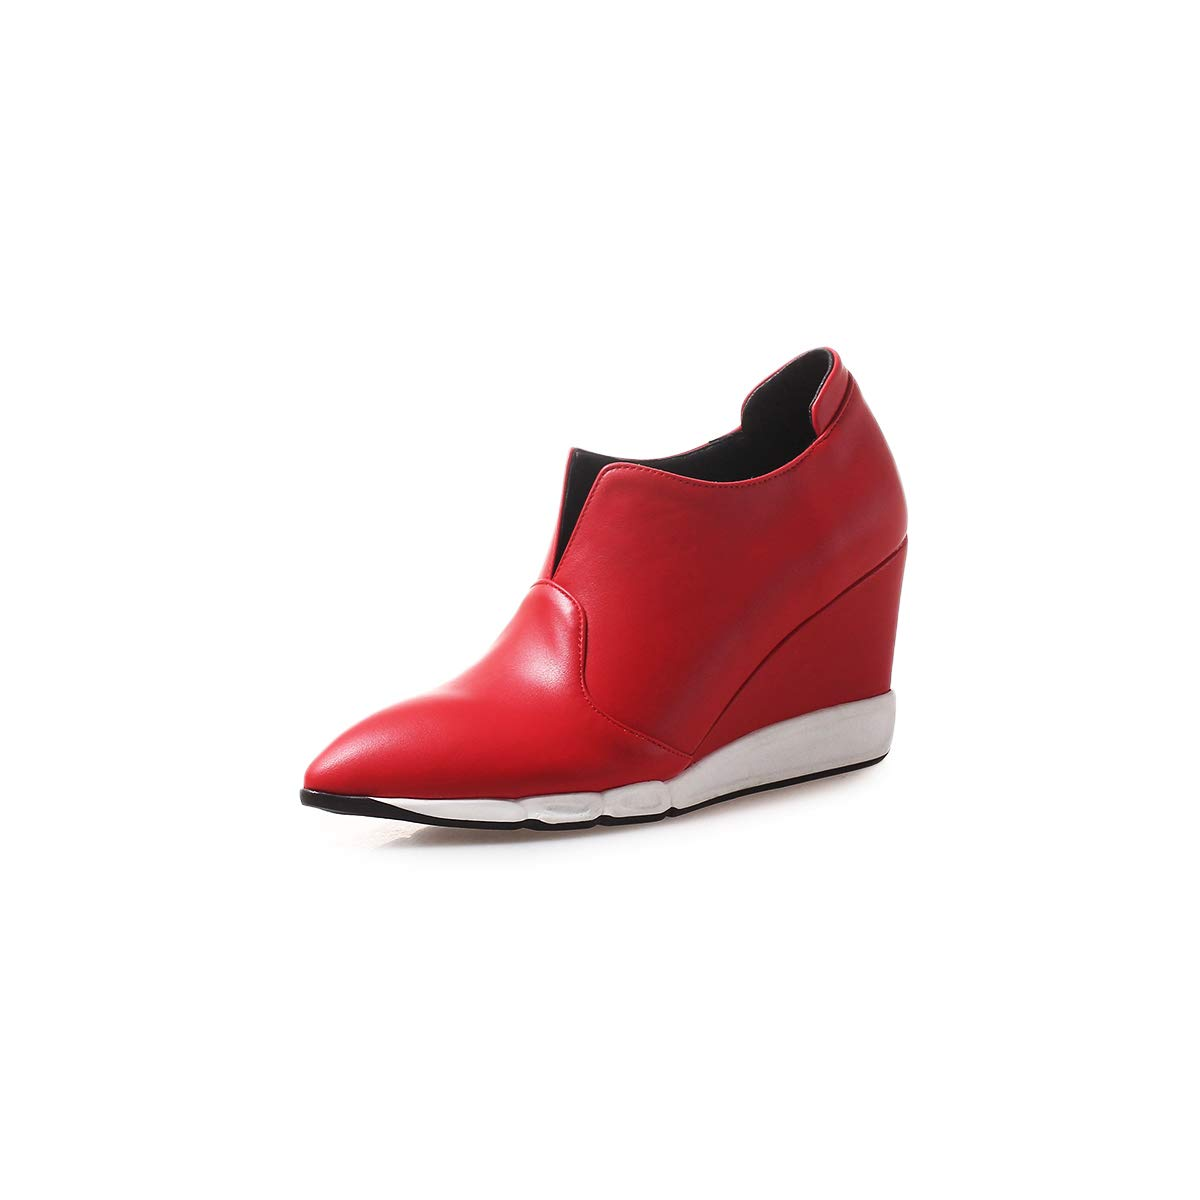 Yukun Schuhe mit hohen Absätzen Keil-Einzelschuh-weibliche Plattform-Schuhe Mode-tiefer Mund Spitze Starke hohe Absätze faul